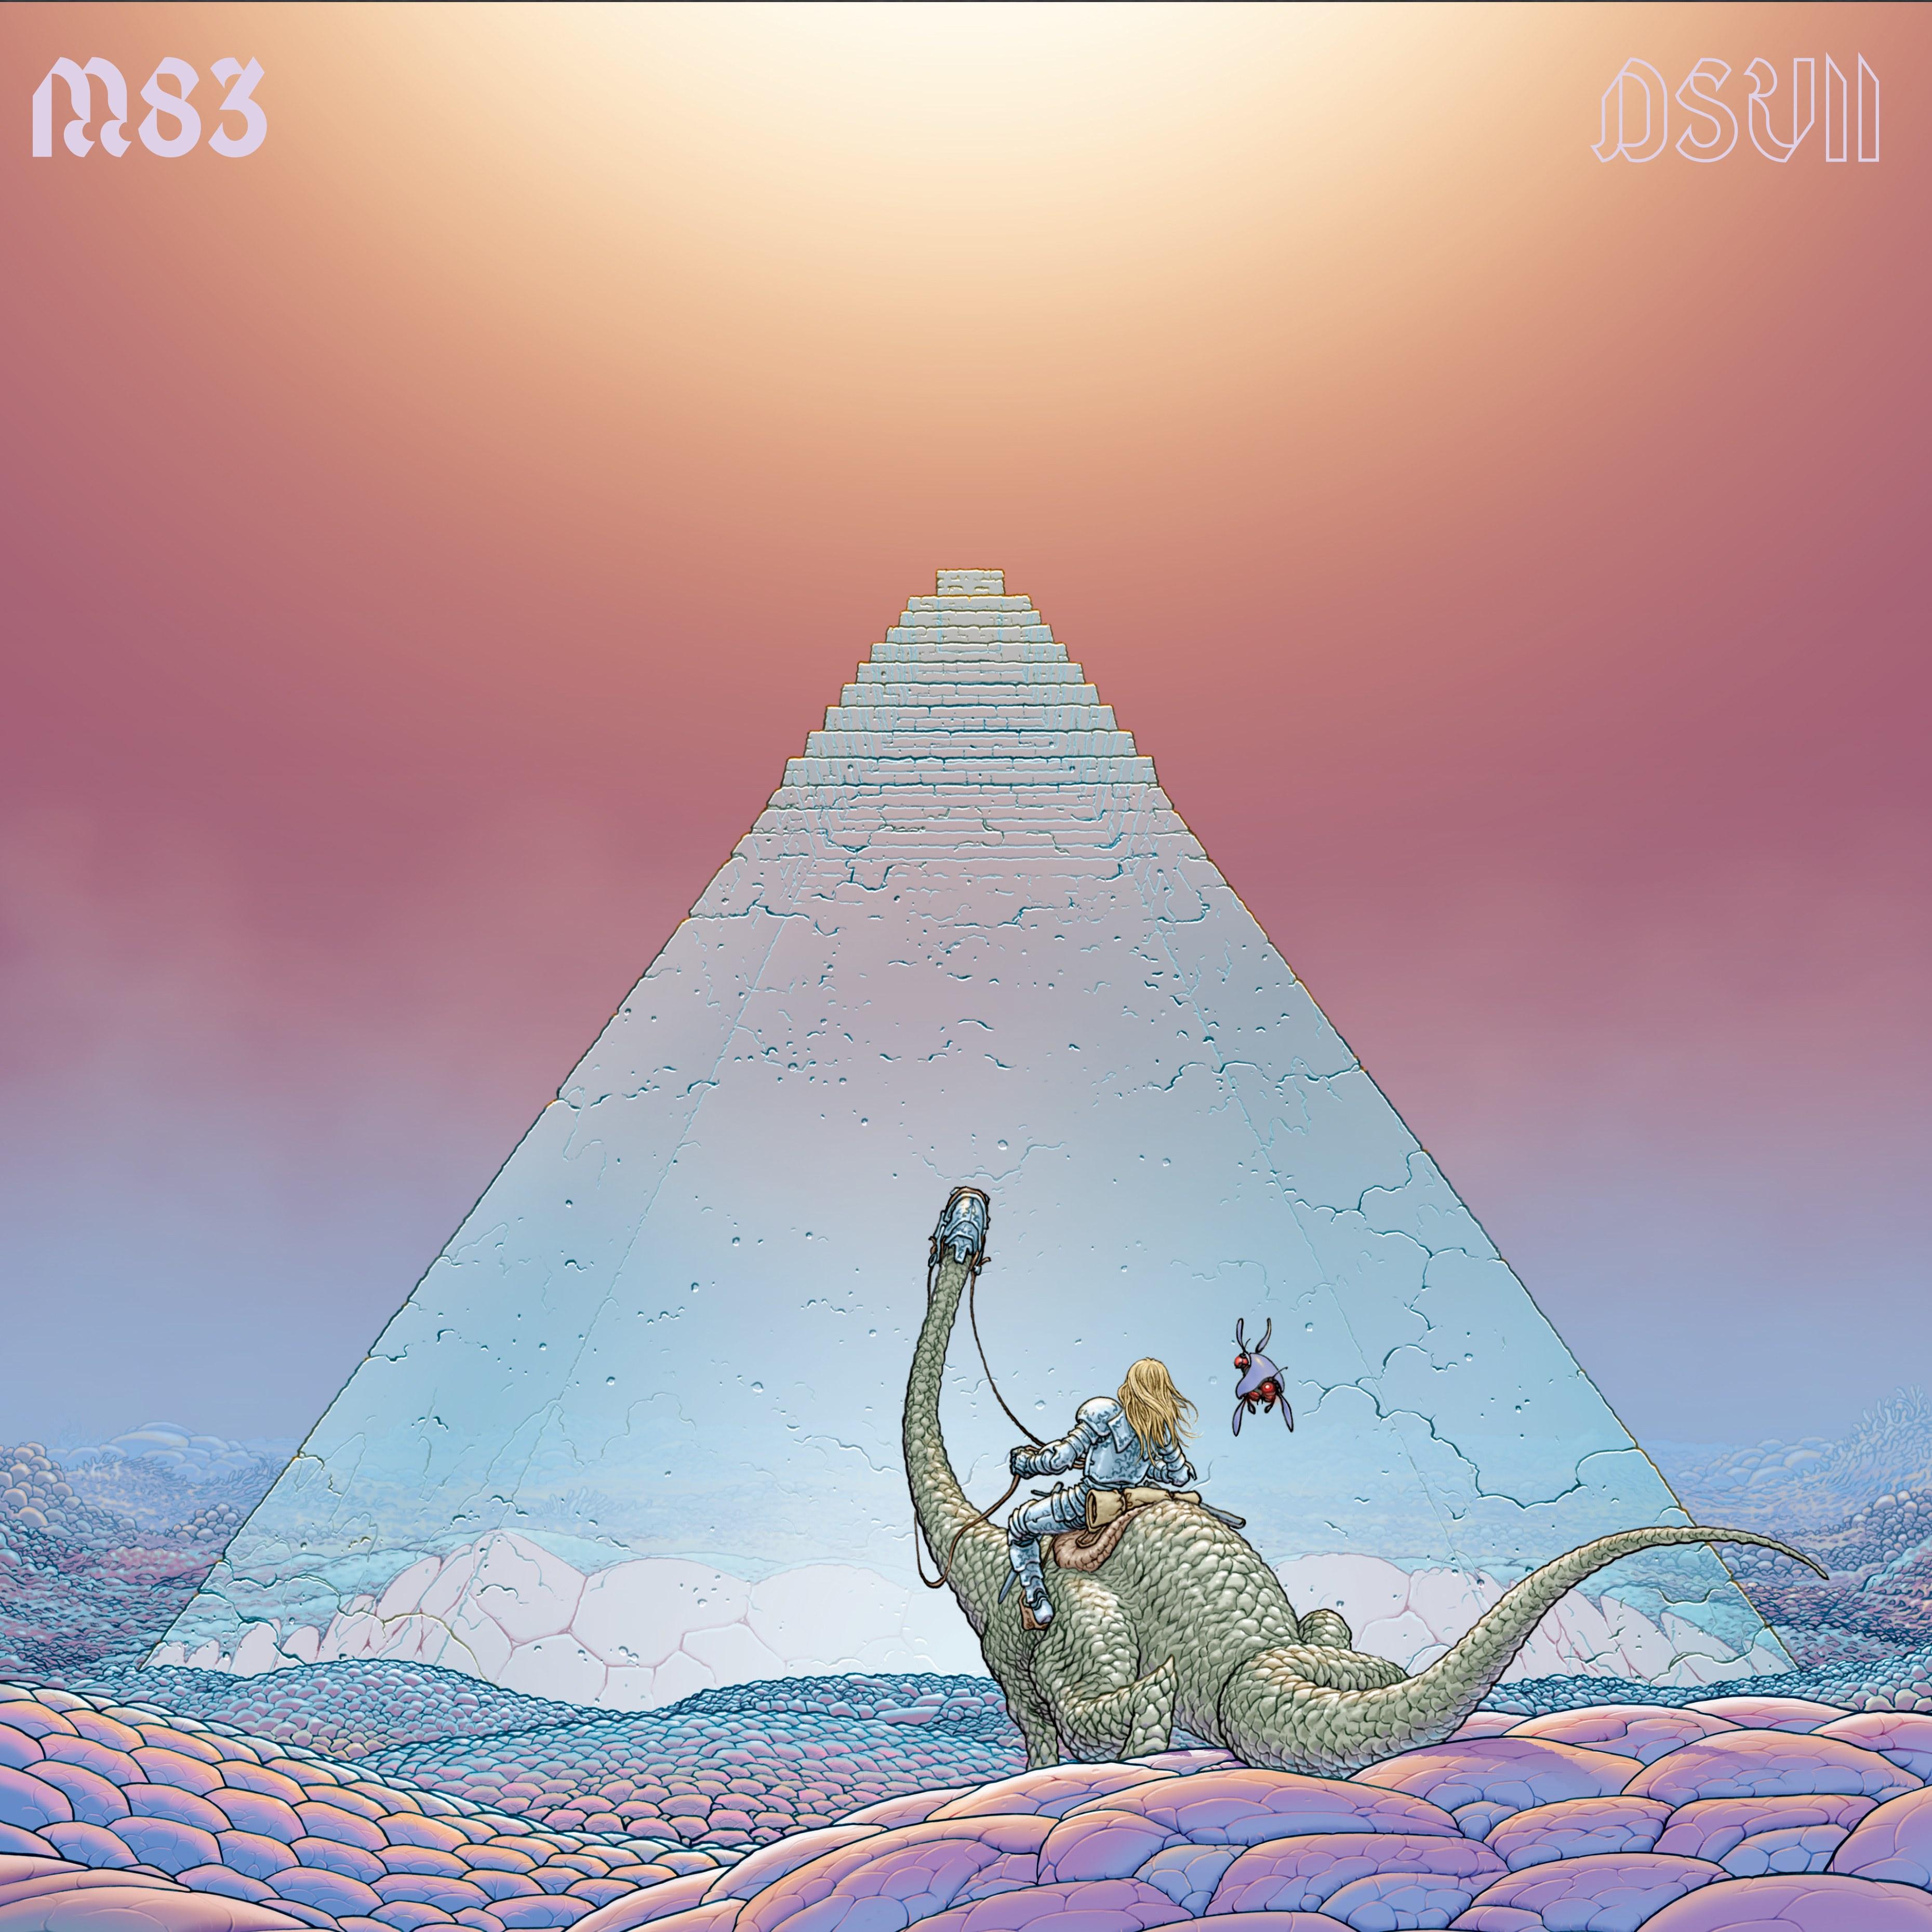 Pasirodė aštuntasis M83 albumas